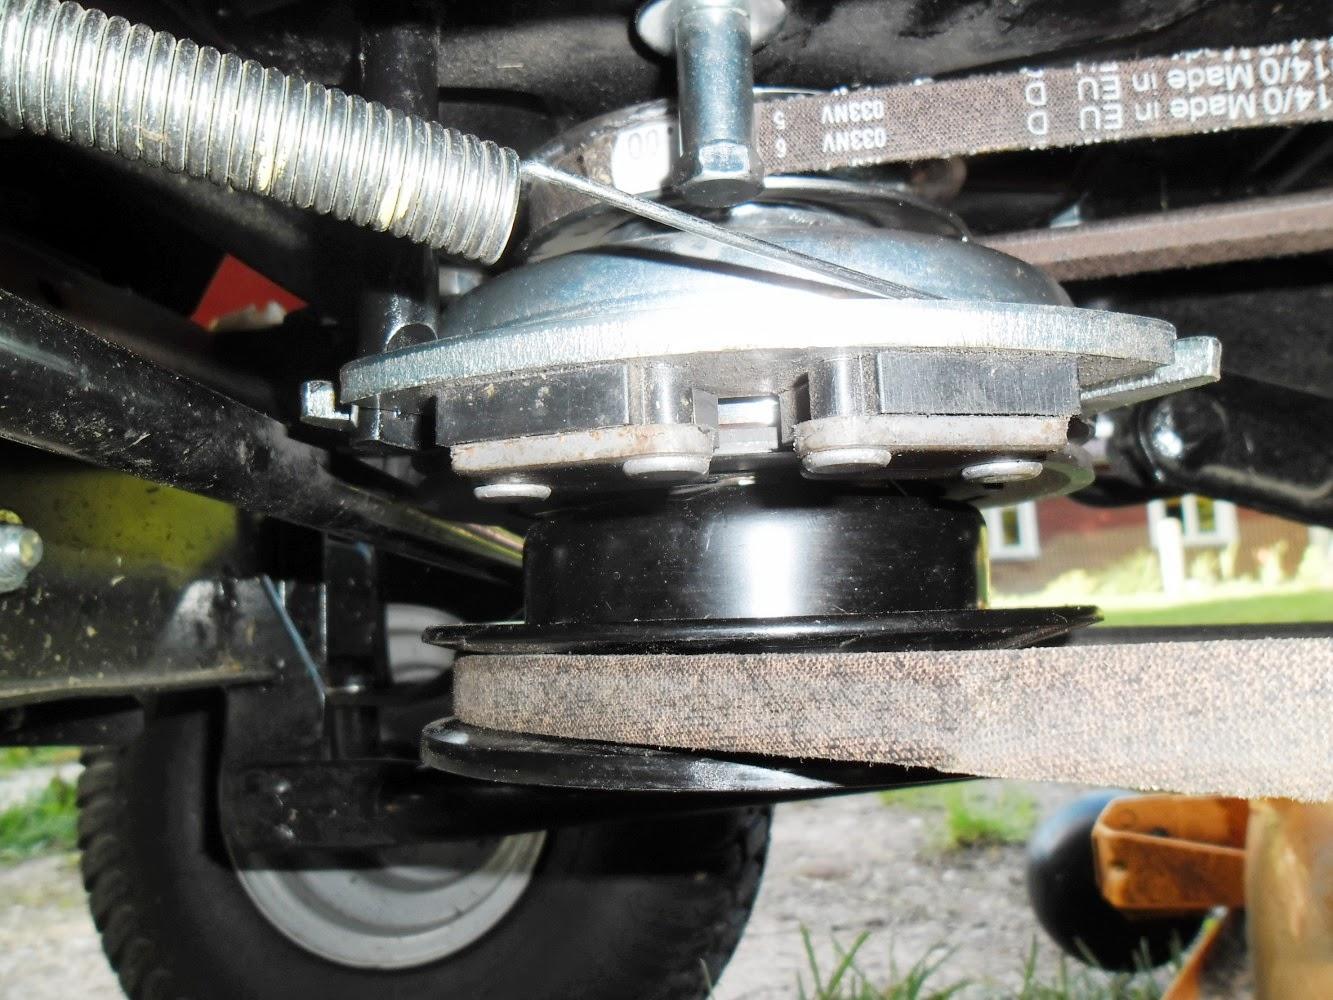 0132ae004da Mootori võllil alumine on niiduki rihm. Ülevalpool on piduri-sidurisüsteem  ja selle kohal veorihm.